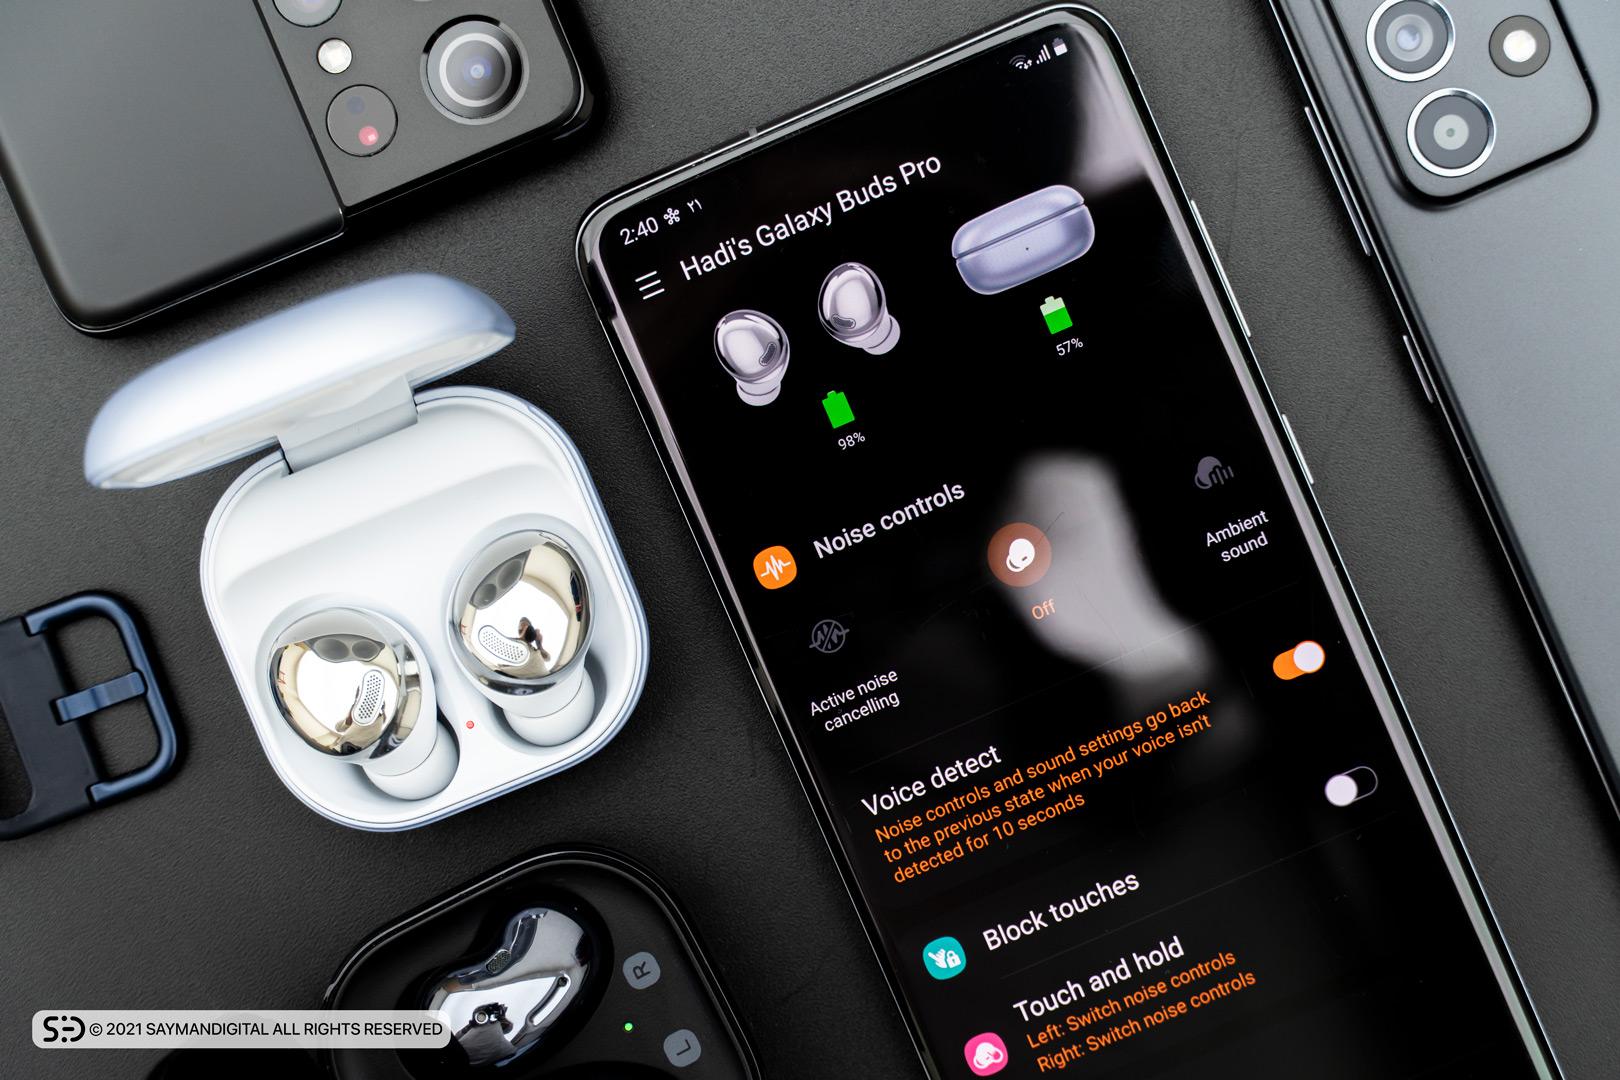 برنامه Samsung Wearable app در مطلب بررسی گلکسی بادز پرو سامسونگ